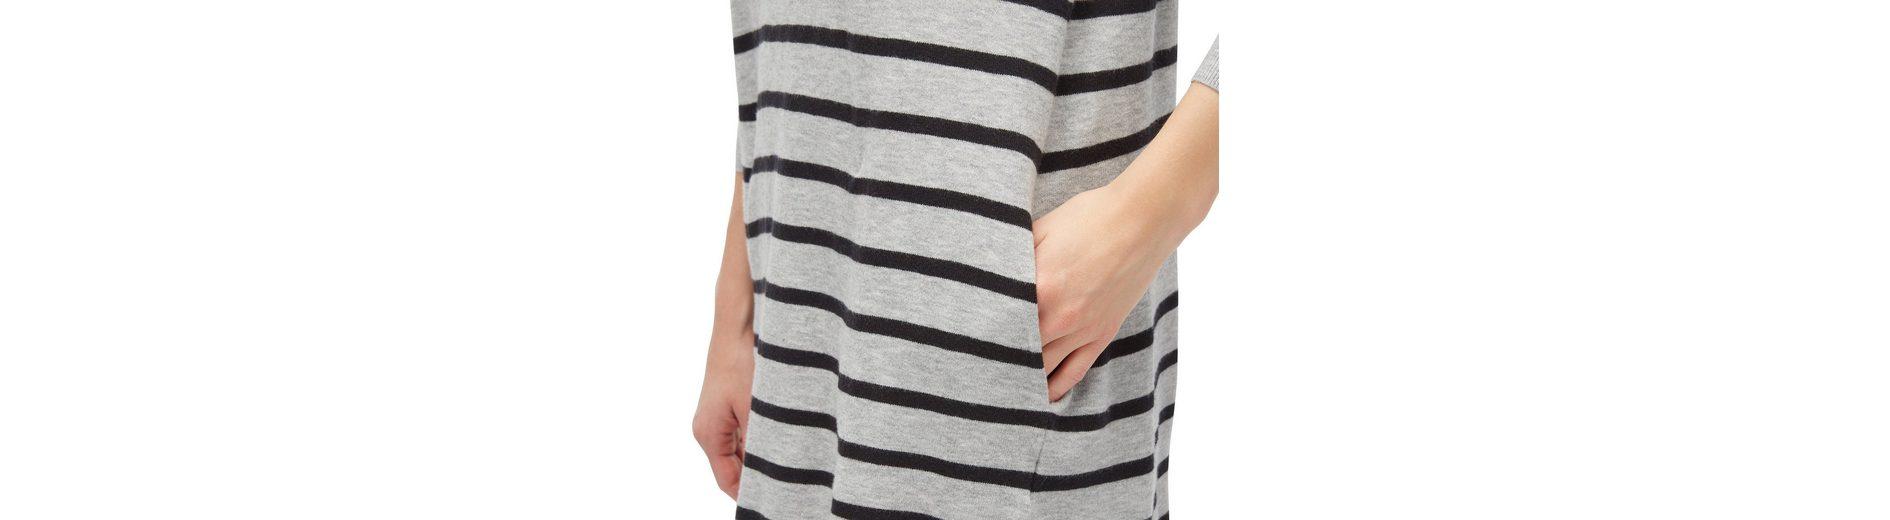 Tom Tailor Denim Strickkleid gestreiftes Kleid Aus Deutschland Günstig Online Sehr Billig Verkauf Online Günstig Kaufen Veröffentlichungstermine pEDIF